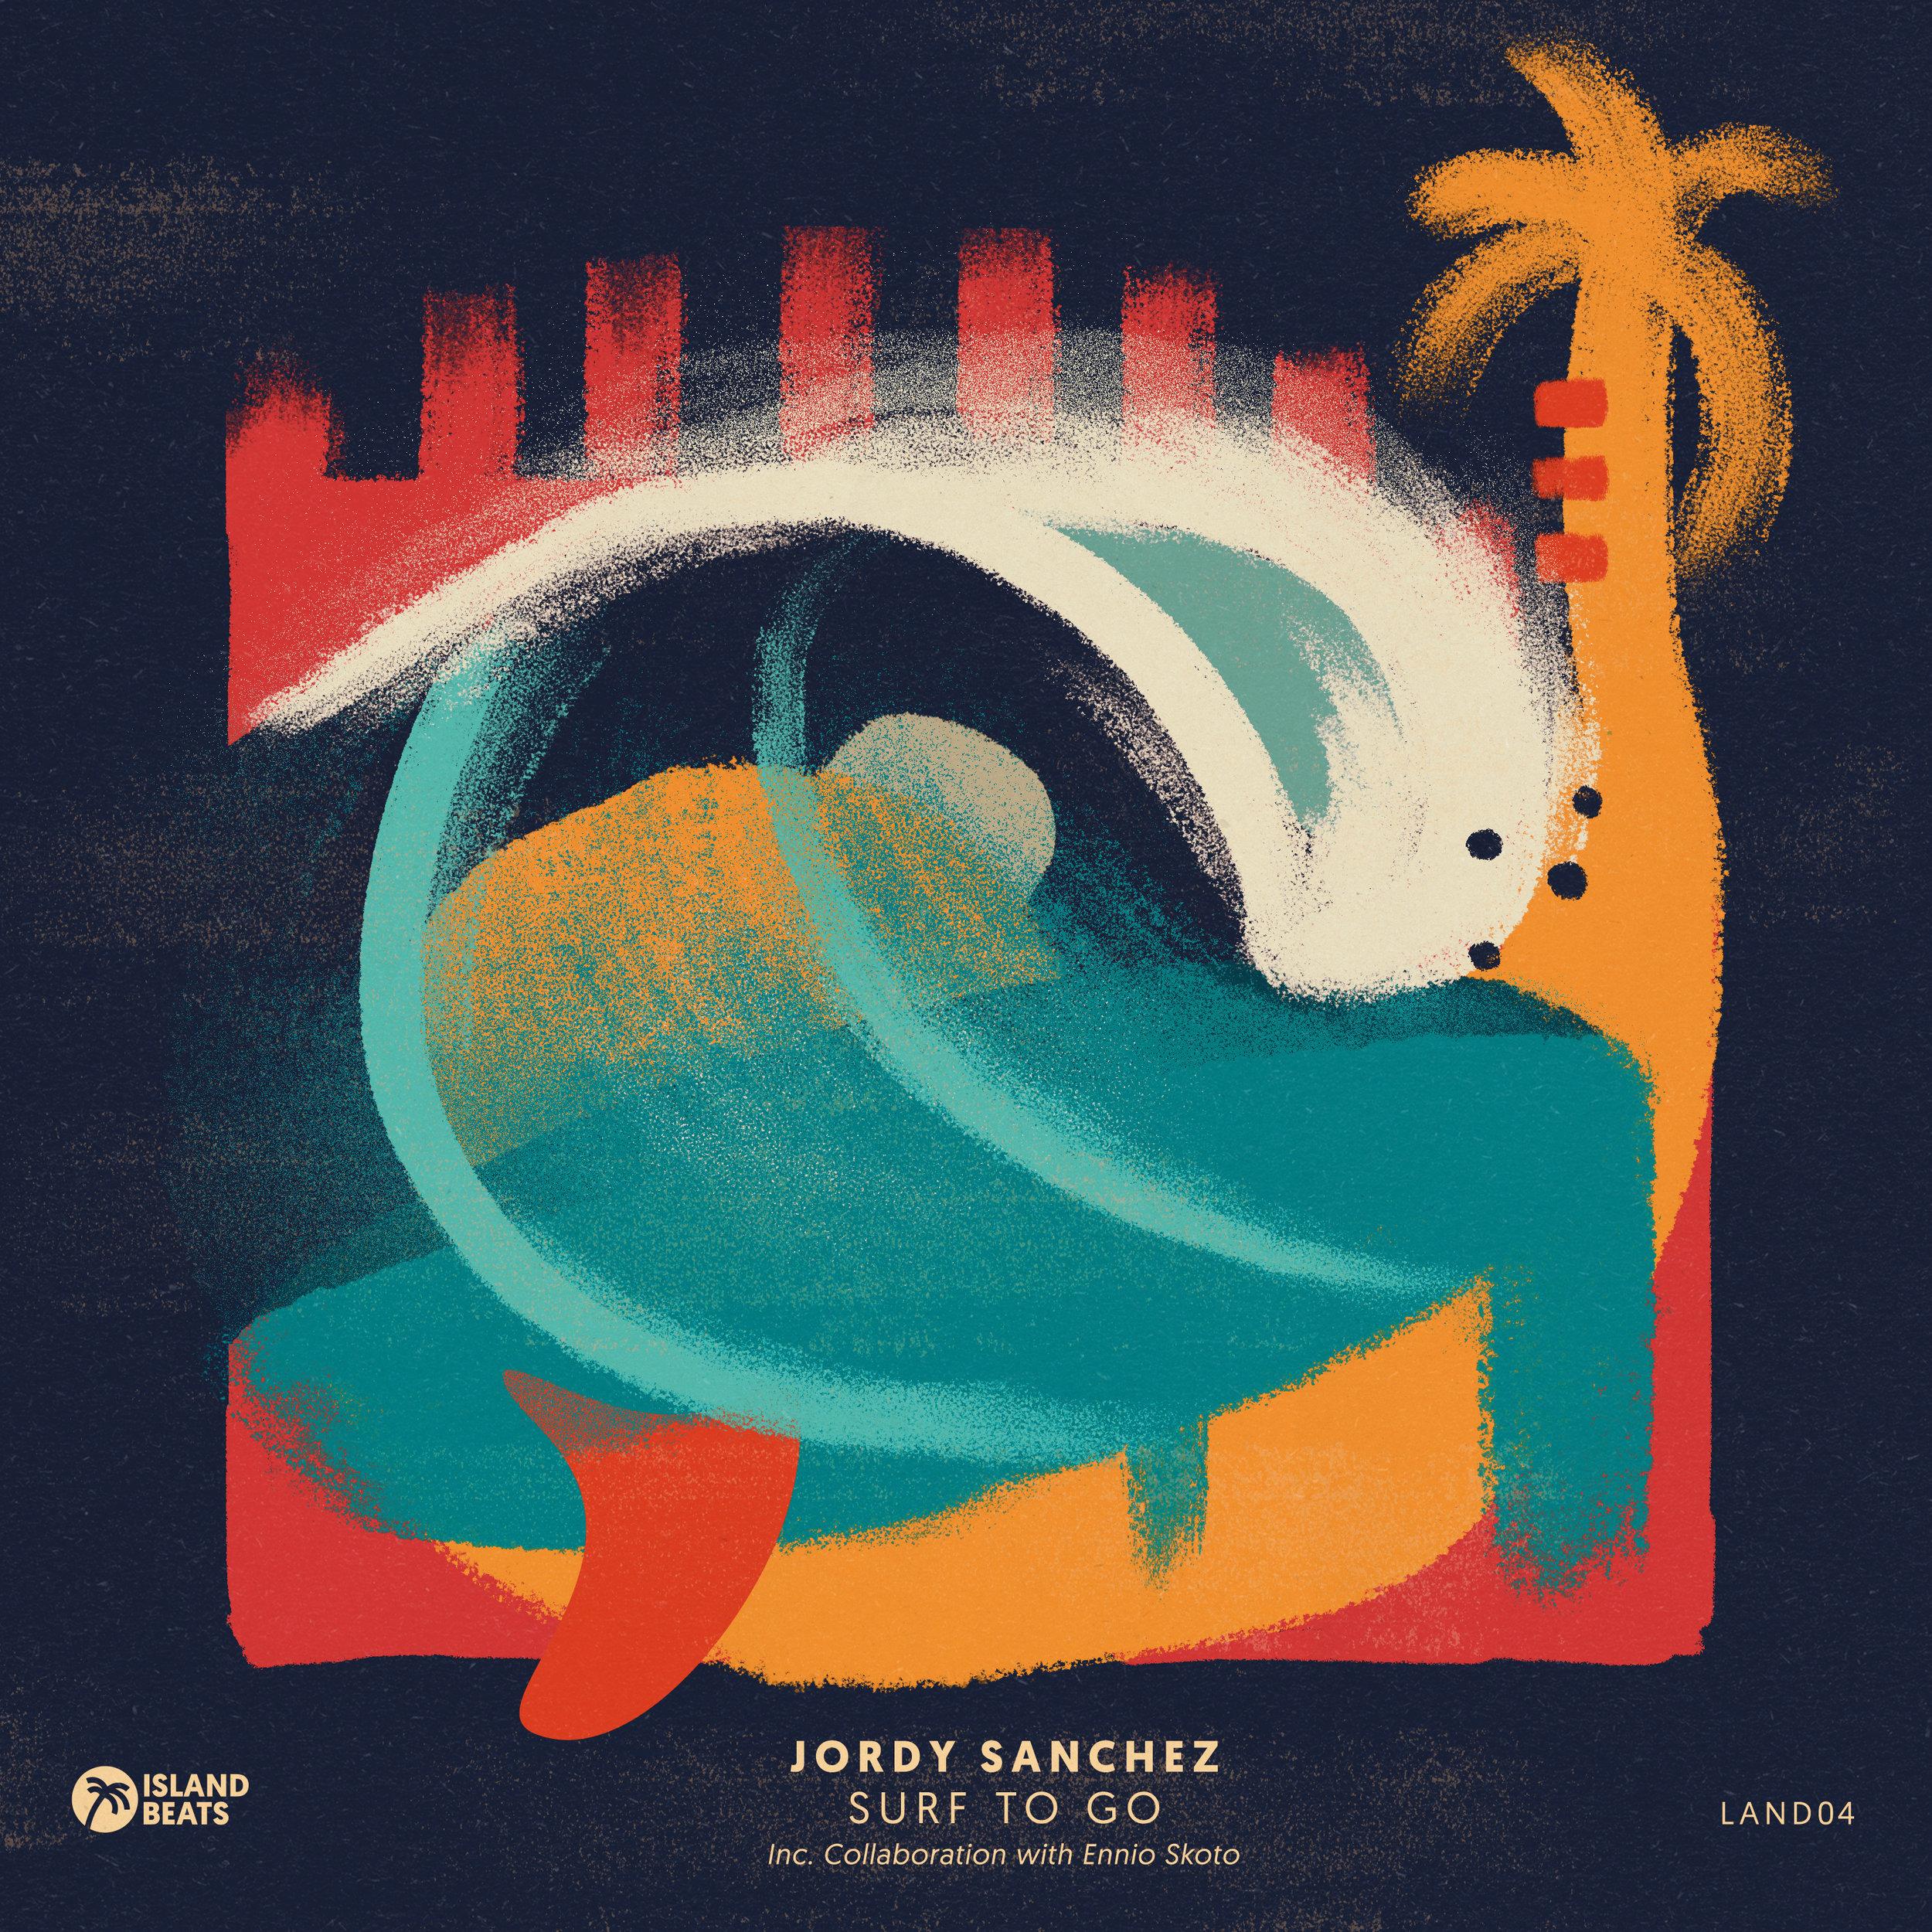 Jordy Sánchez - Surf to Go